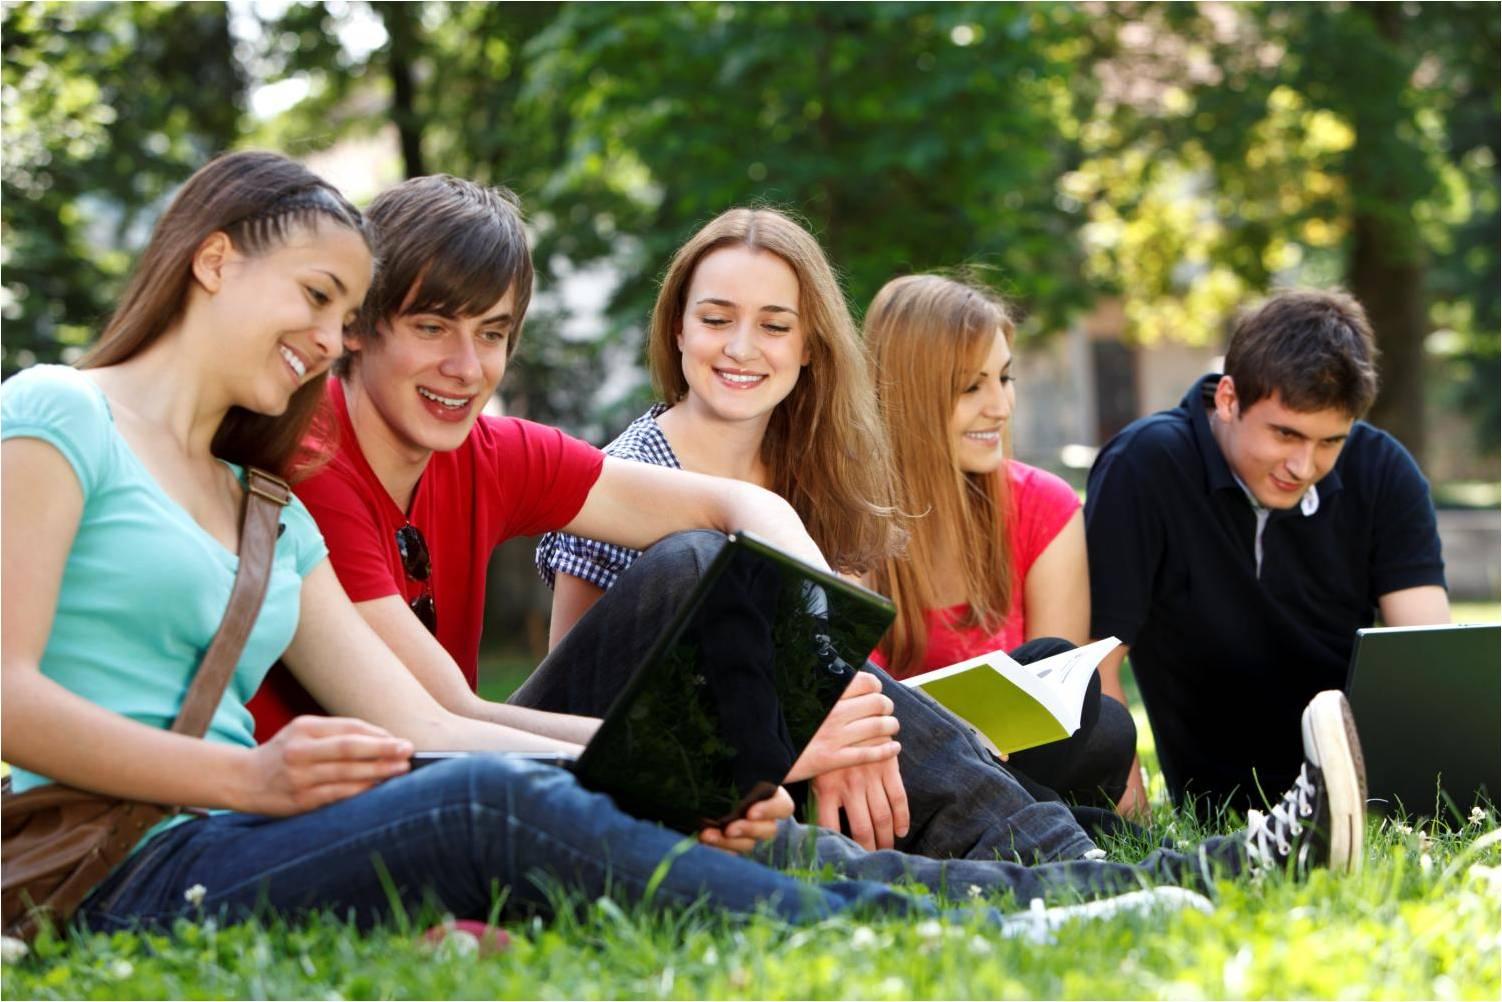 kosova daki universiteler